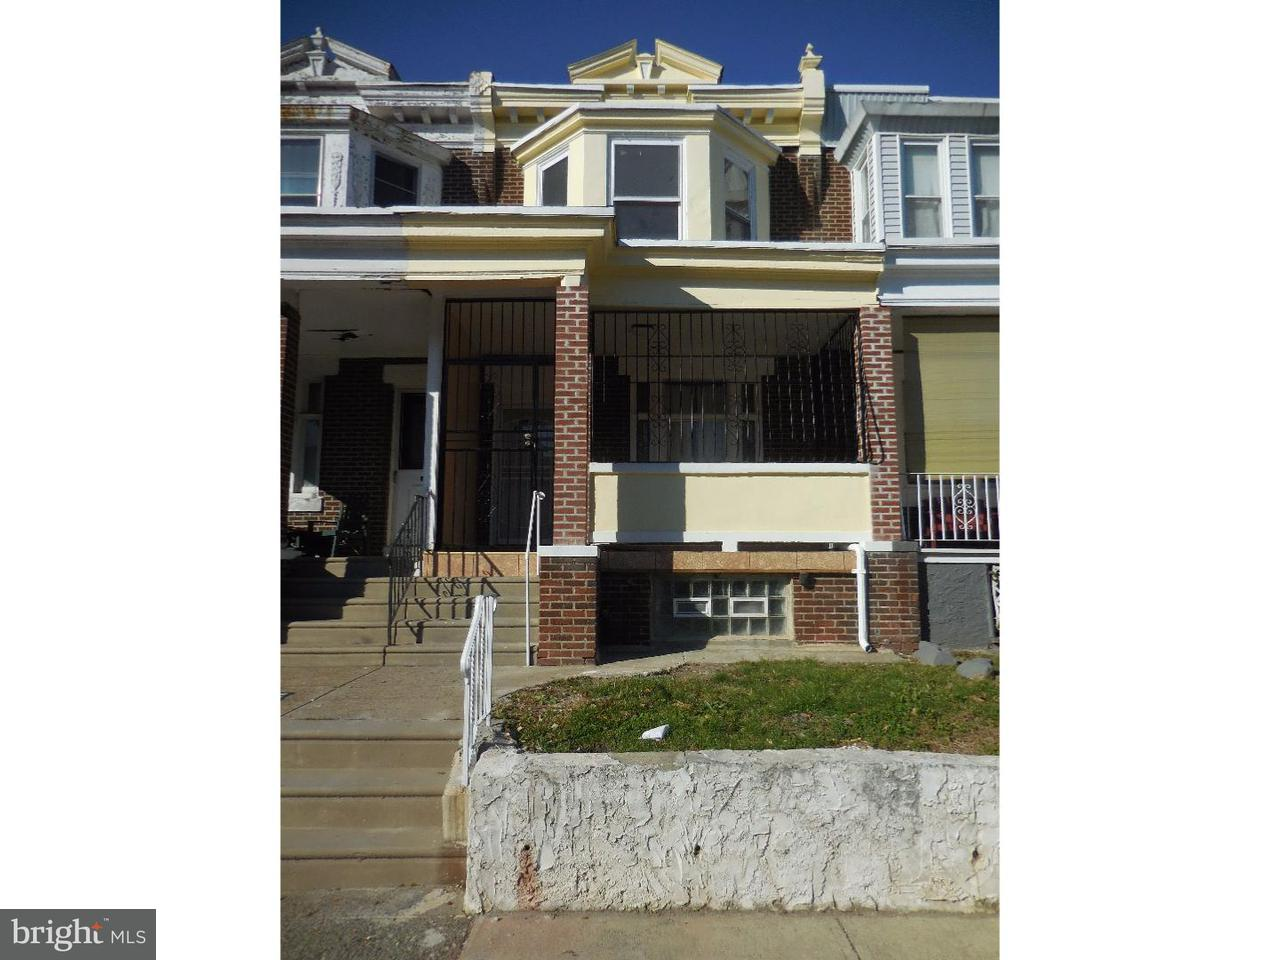 4718 N 12TH Philadelphia, PA 19141